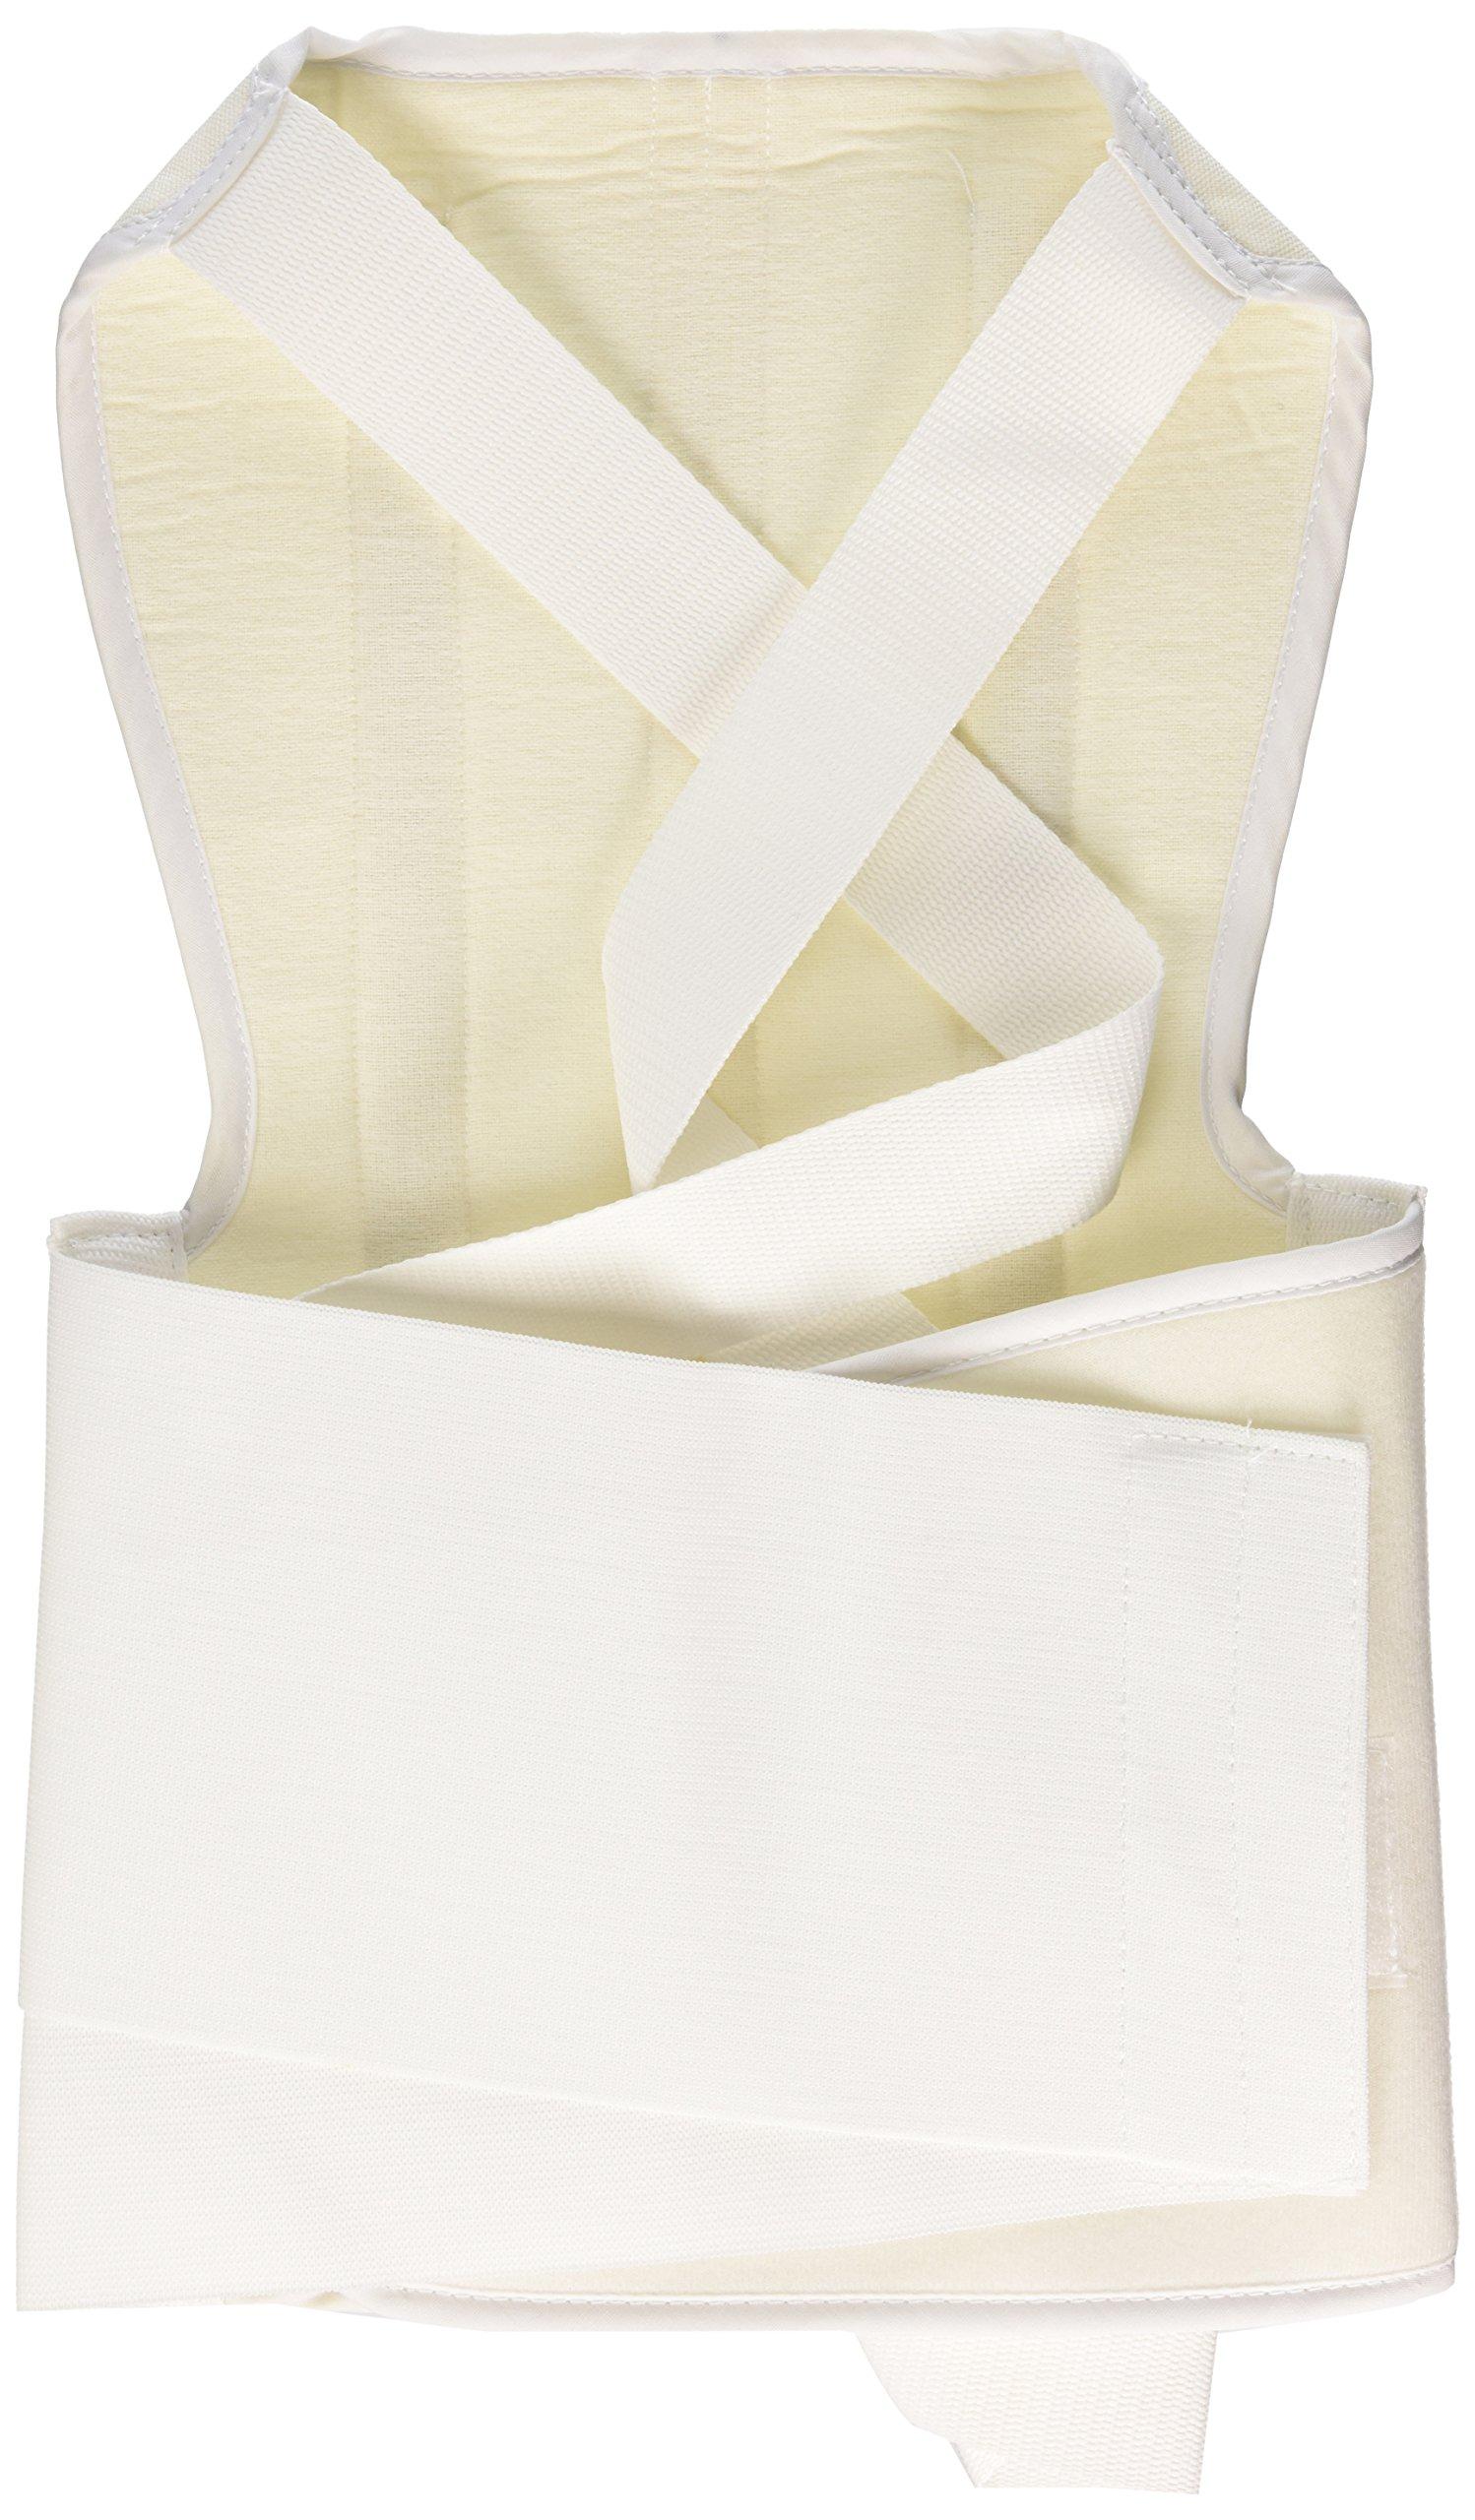 Bilt-Rite Mastex Health TLSO Basic Support, White, Medium by Bilt-Rite Mastex Health (Image #1)